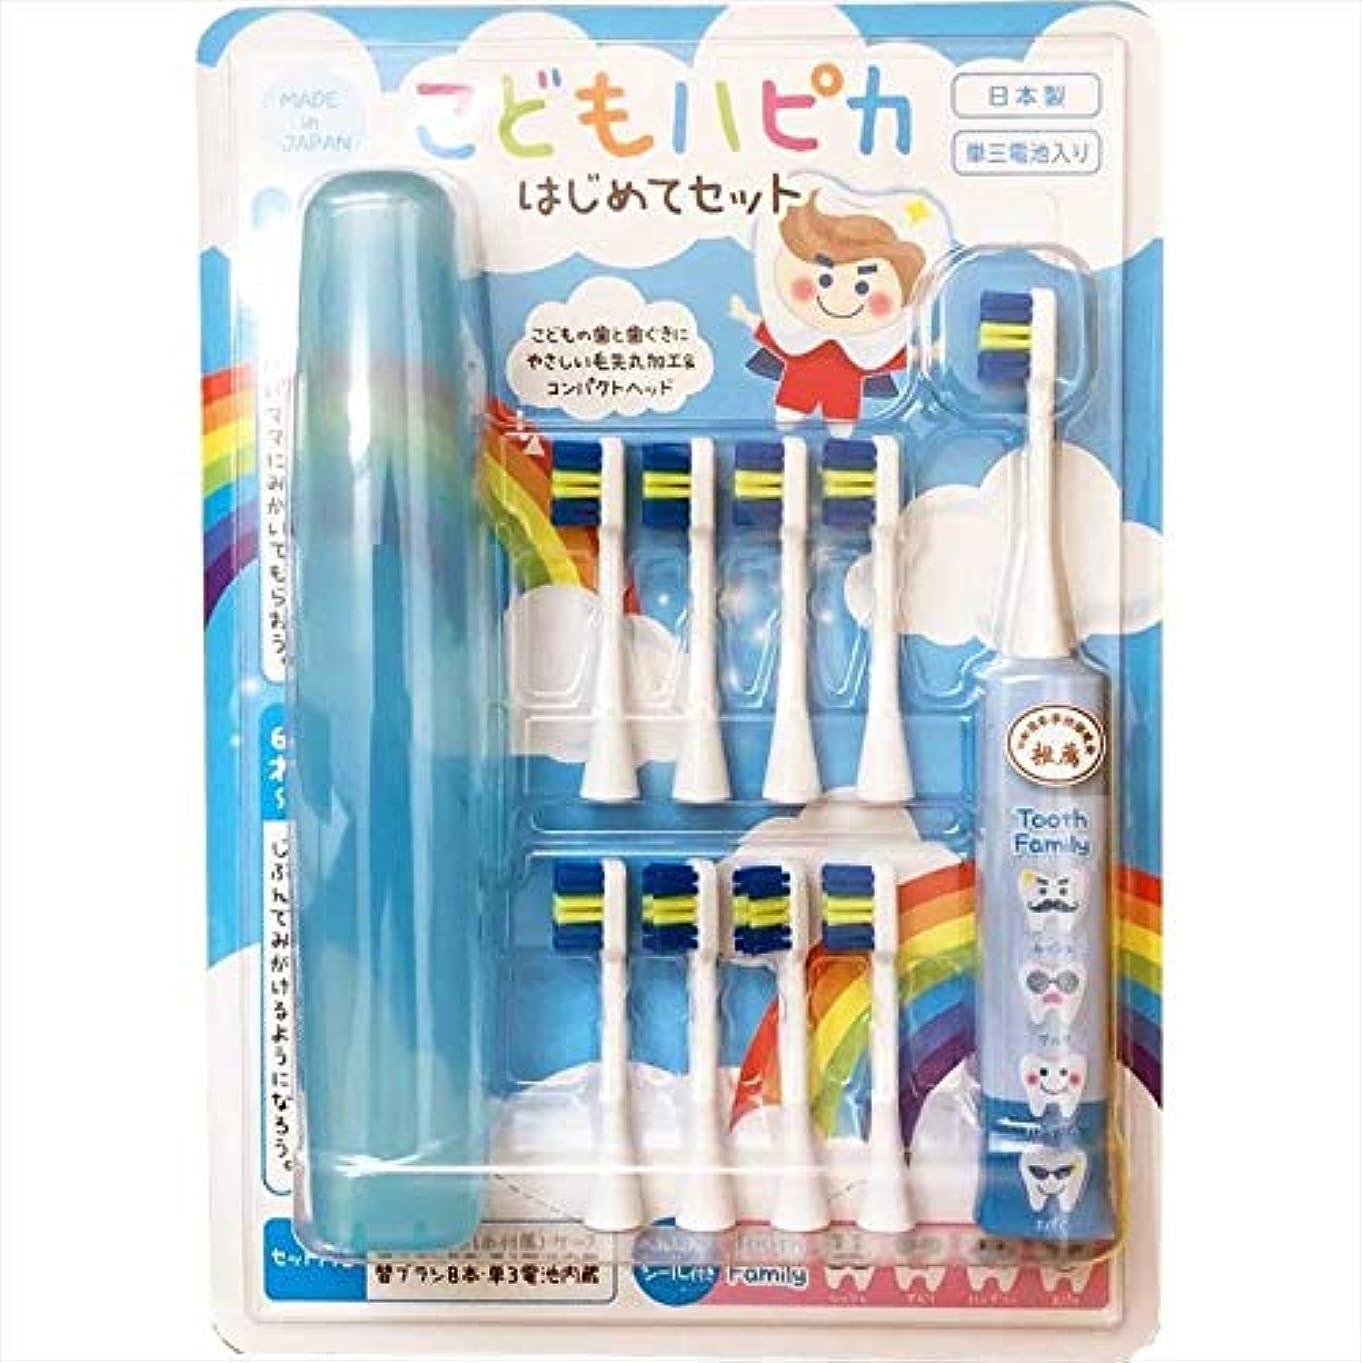 忍耐豆スプーンこどもハピカセット ブルー 子供用電動歯ブラシ